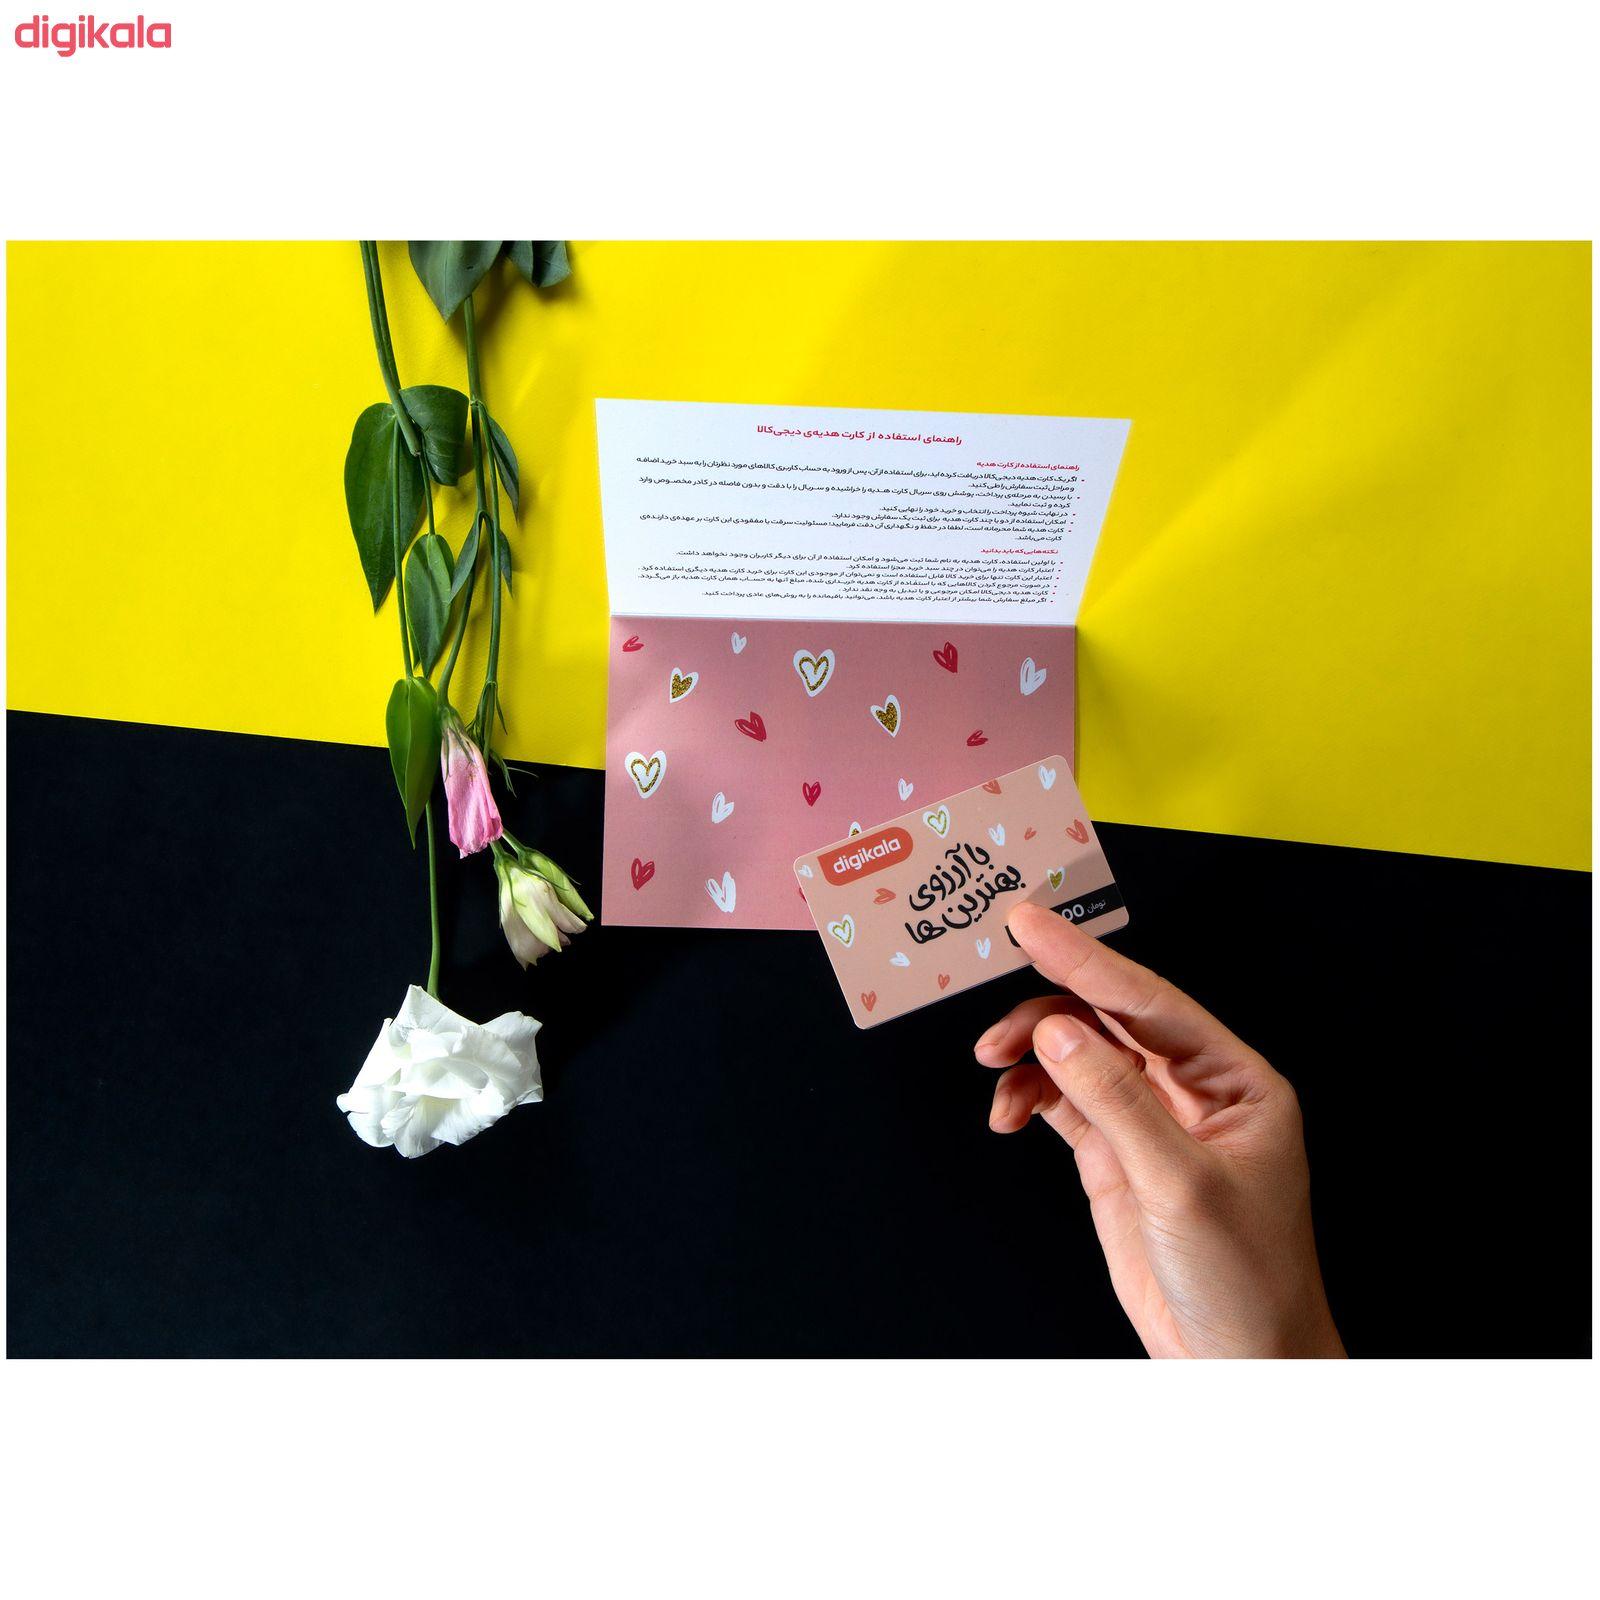 کارت هدیه دیجی کالا به ارزش 150.000 تومان طرح آرزو main 1 4